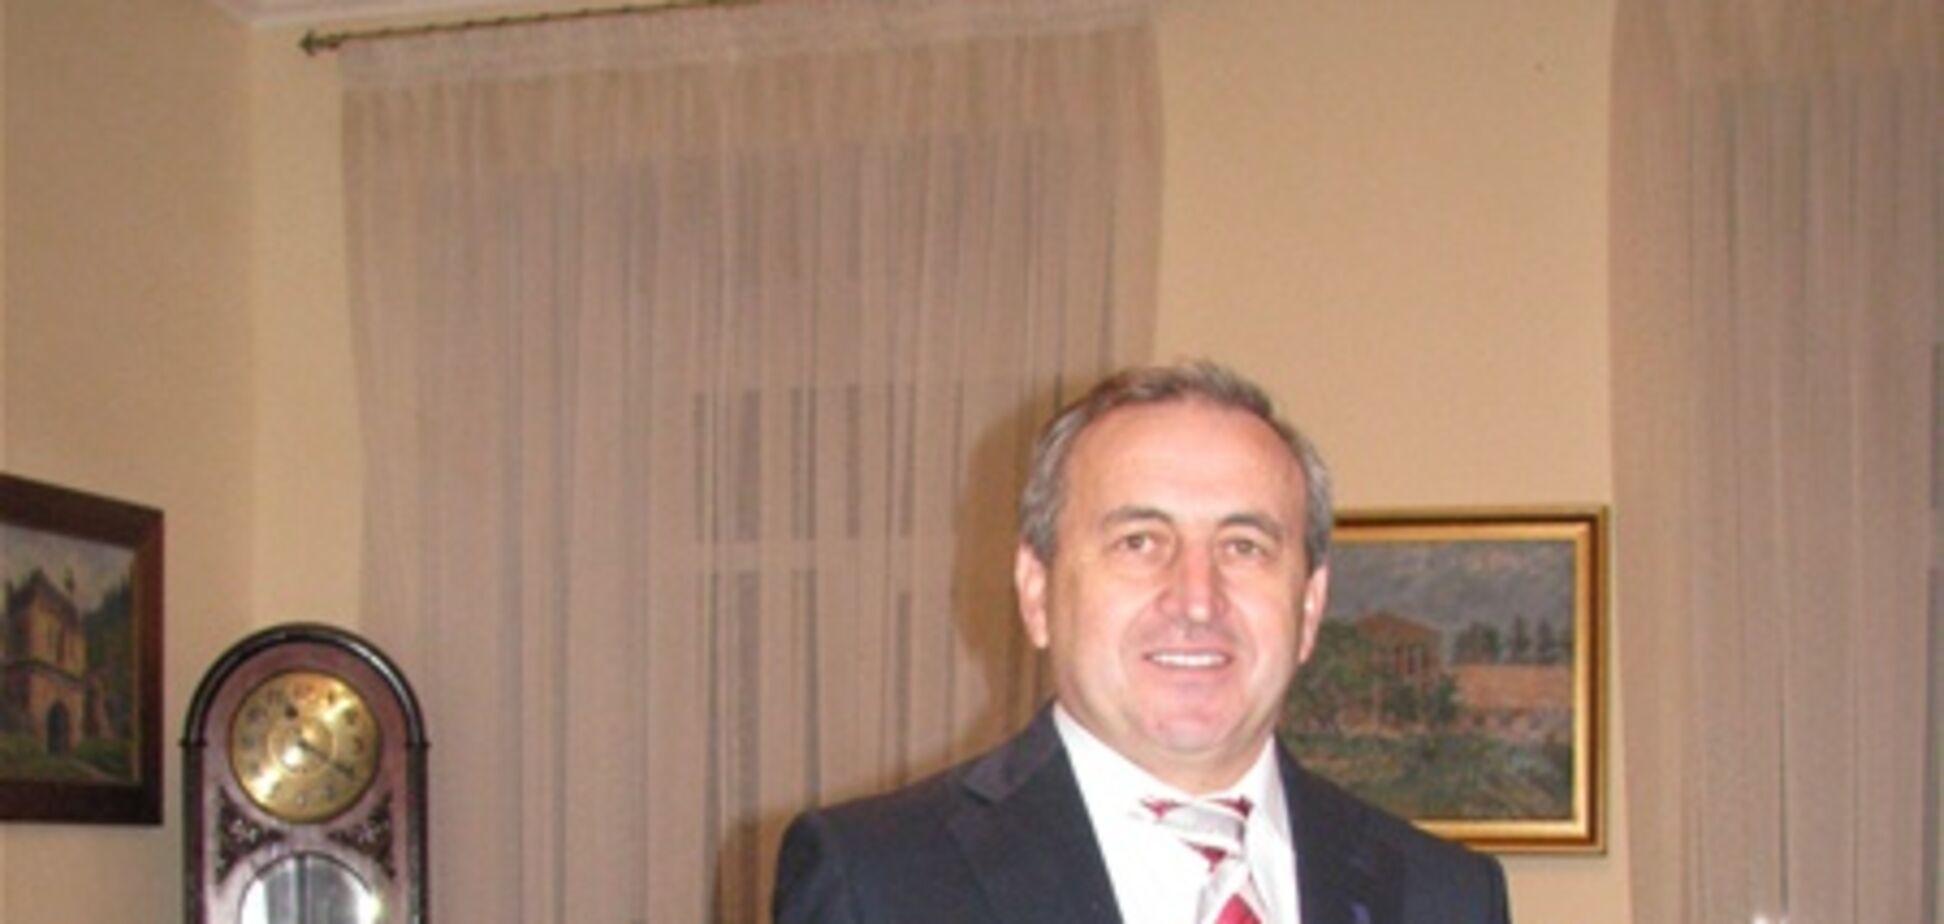 Цвиль: Гайдук оплатил лечение Данилишина в Баден-Бадене